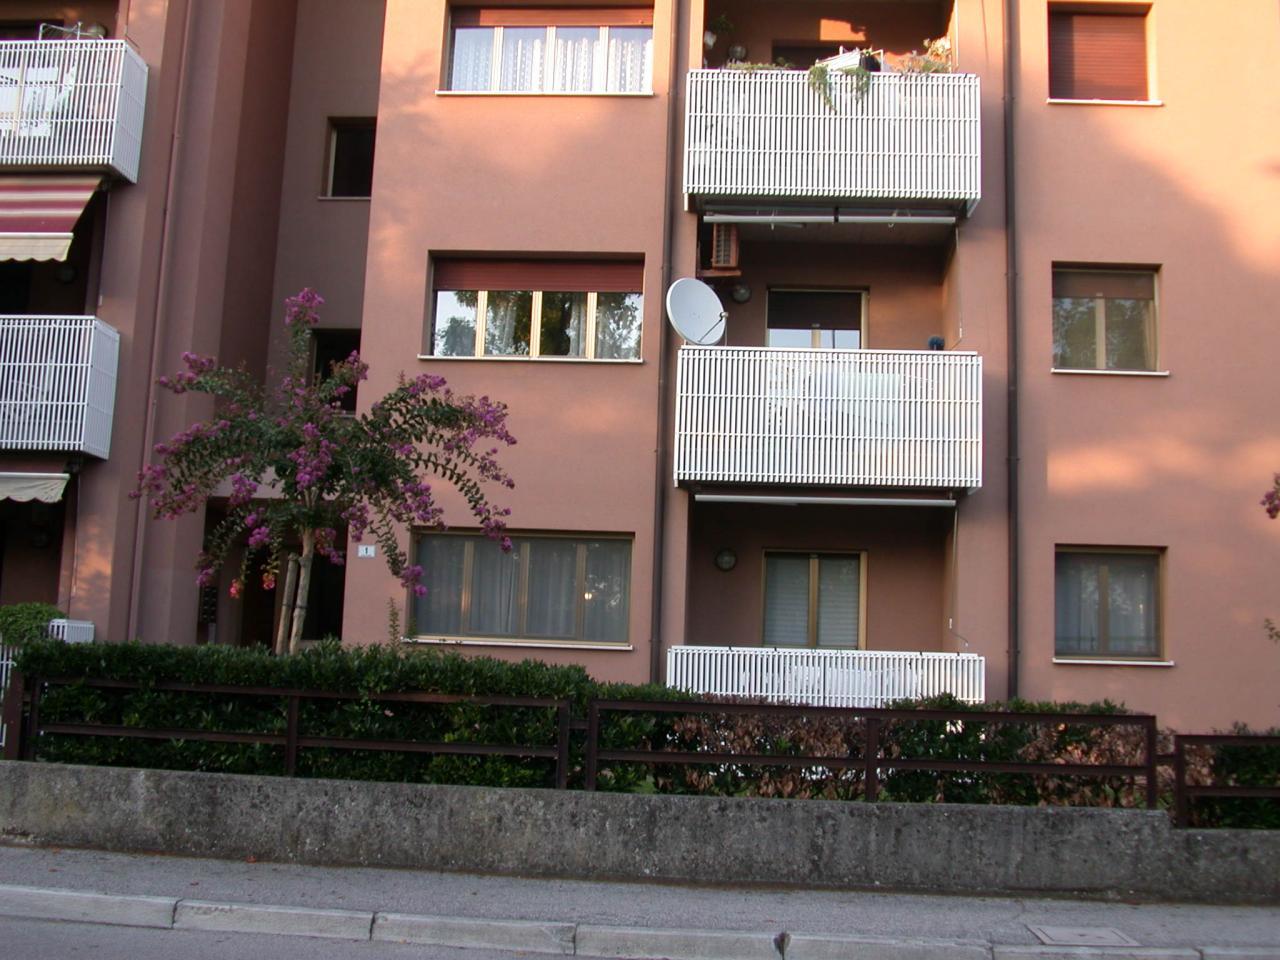 Appartamento in vendita a Gorizia, 6 locali, zona Località: S.Anna, prezzo € 115.000 | Cambio Casa.it